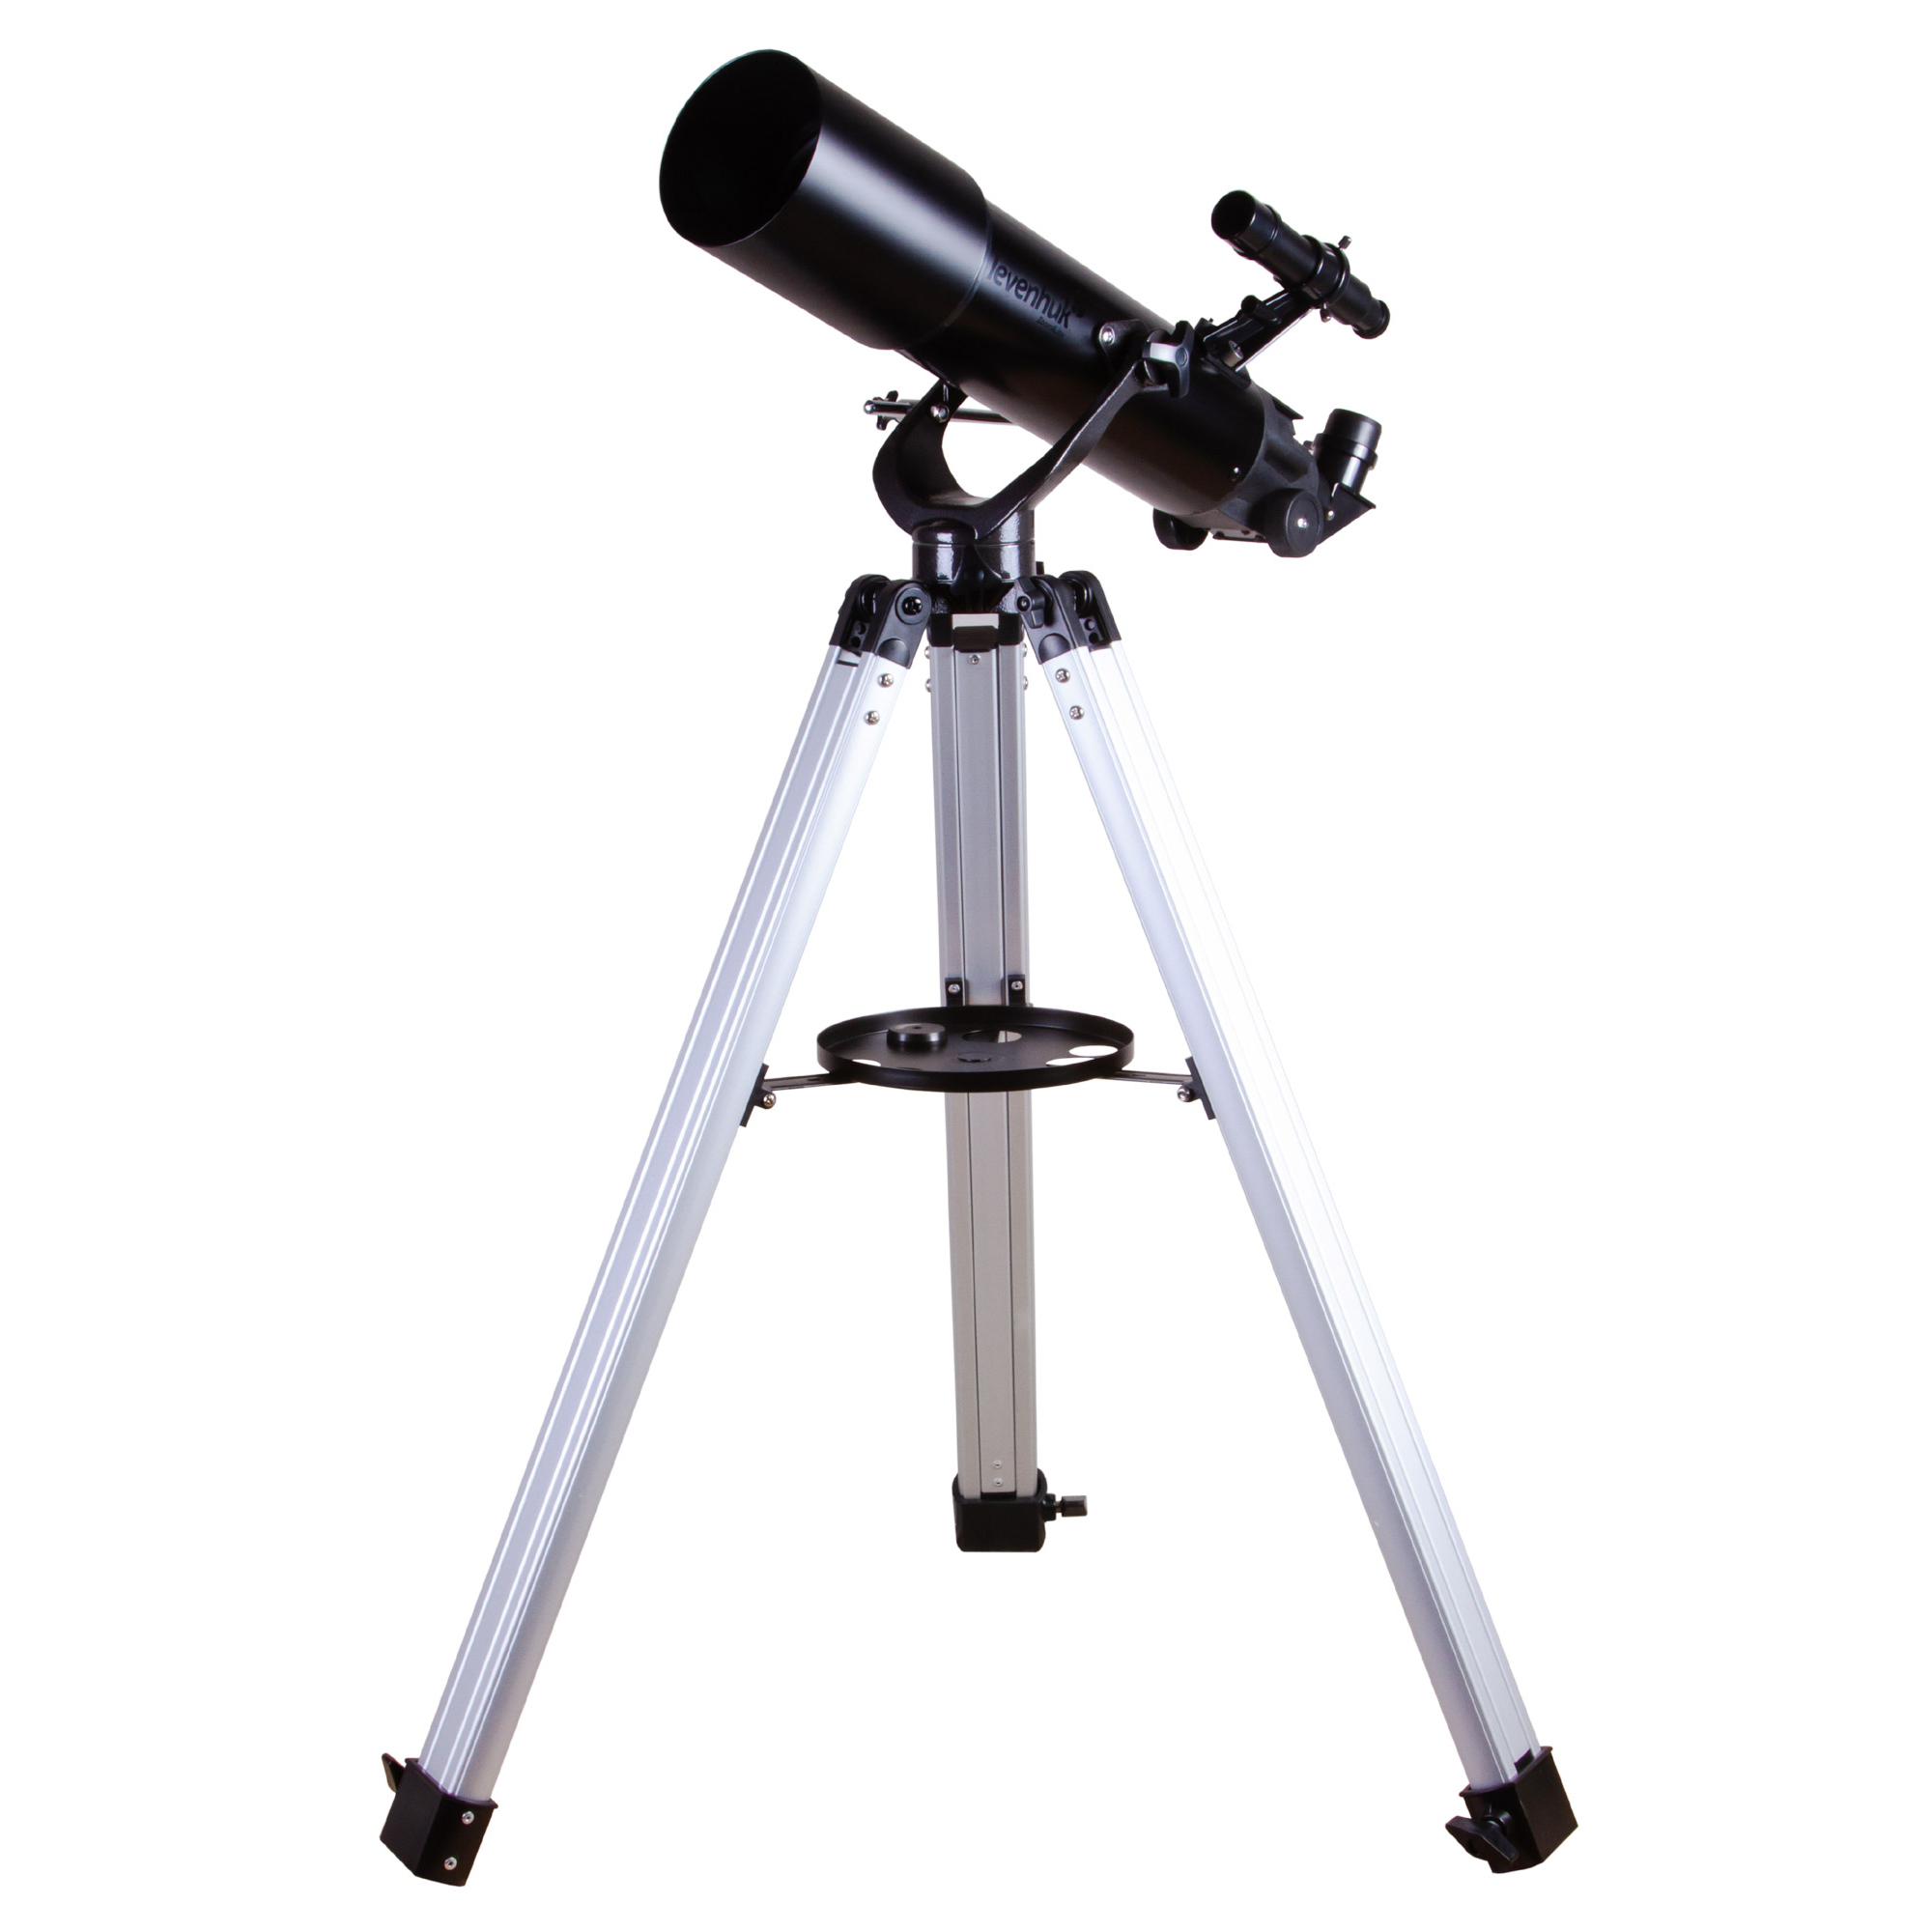 Фото - Телескоп Levenhuk Skyline BASE 80T (+ Книга «Космос. Непустая пустота» в подарок!) телескоп levenhuk skyline base 60t книга космос непустая пустота в подарок